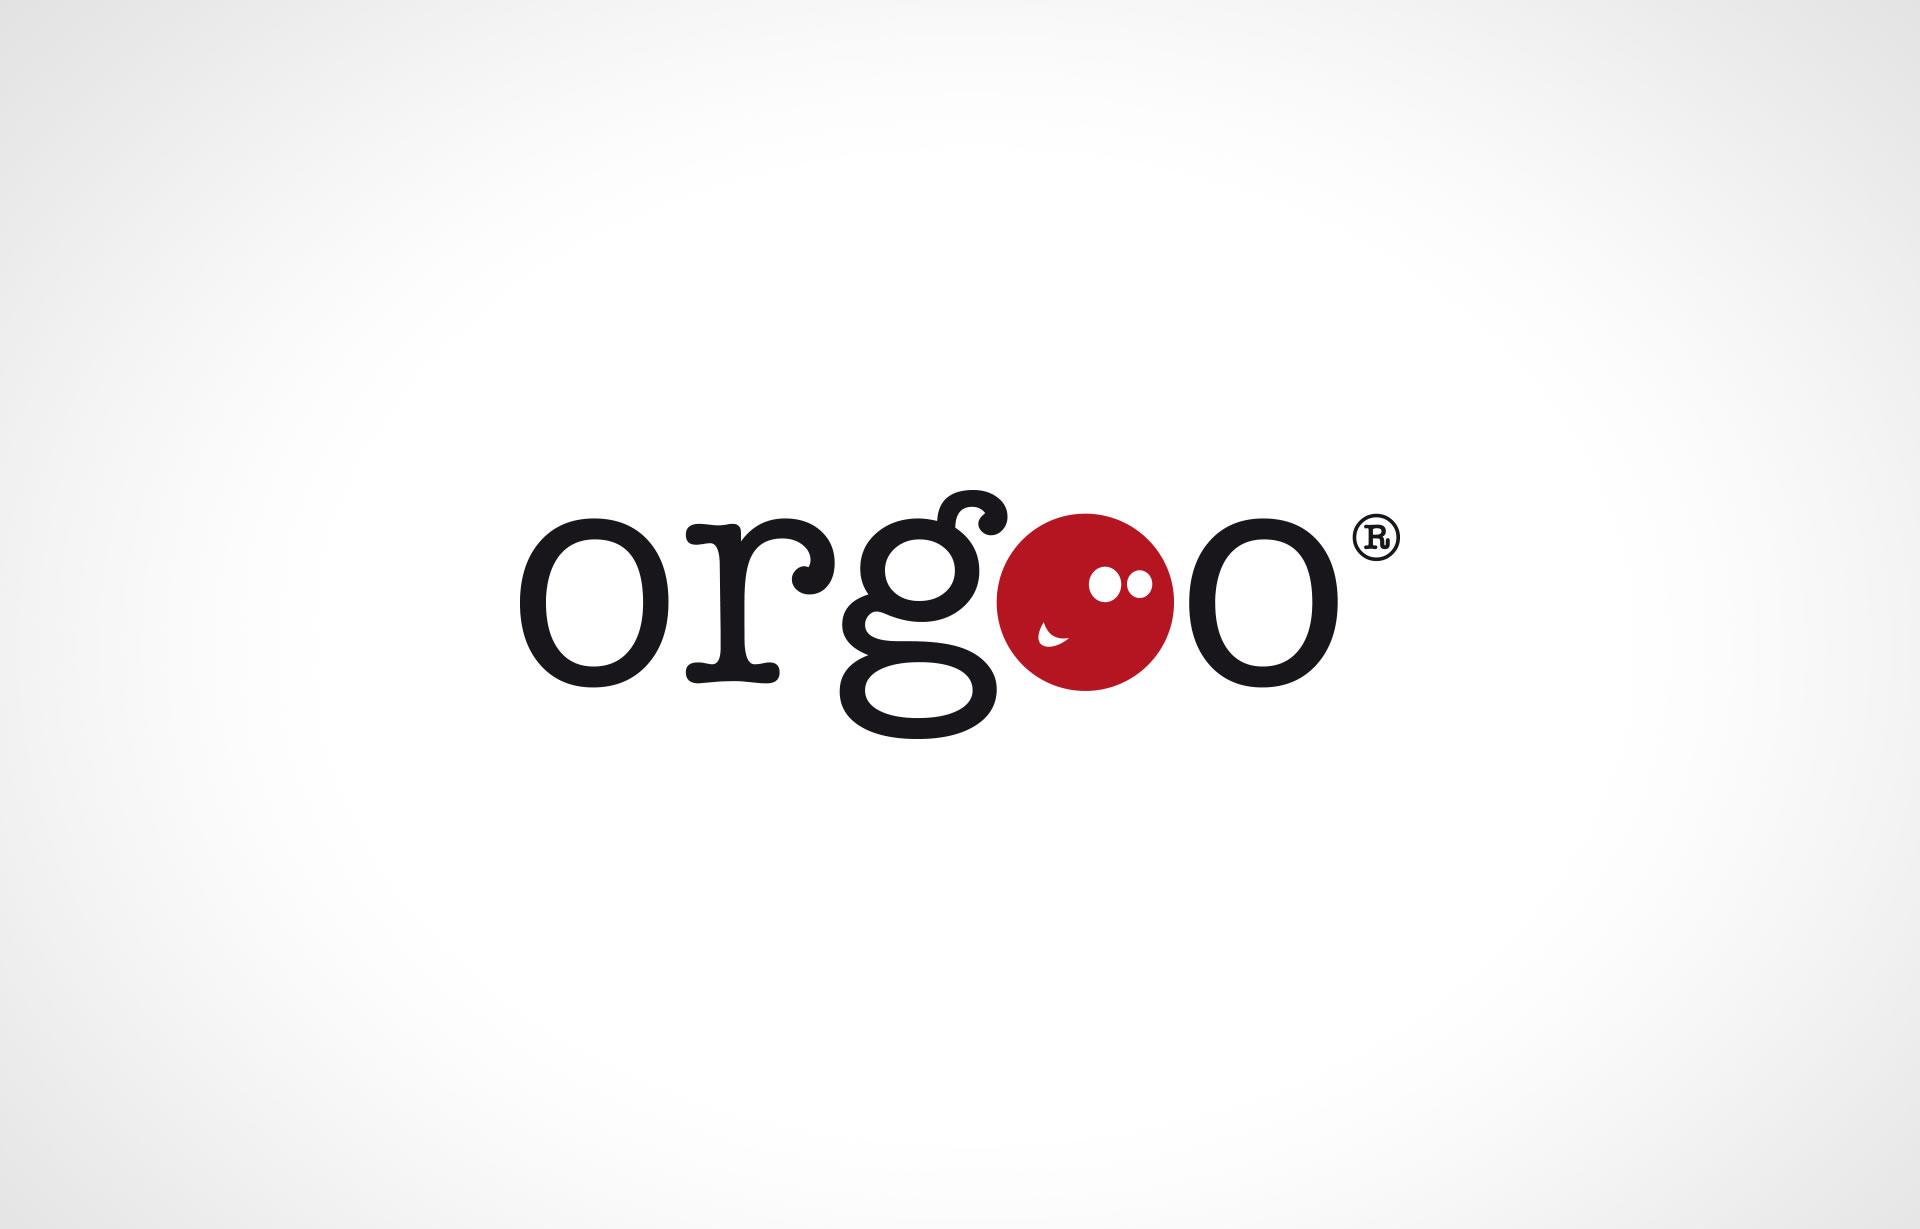 orgoo logo